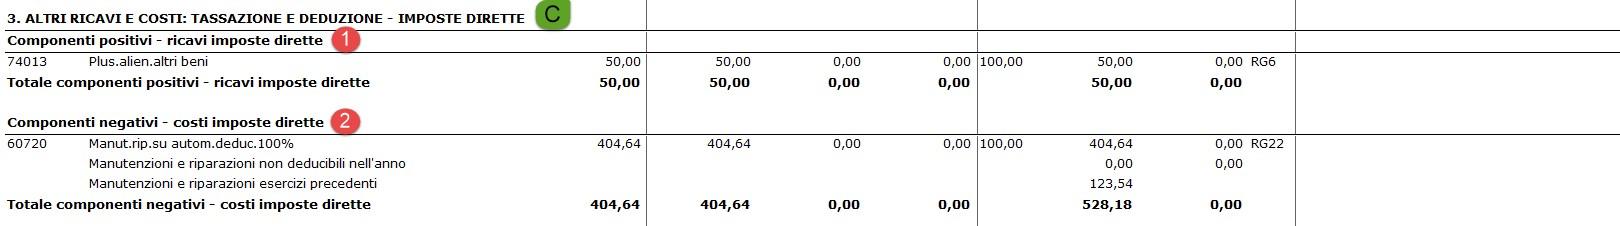 Contabilità semplificata imprese 2017: prospetto fiscale per cassa - 5